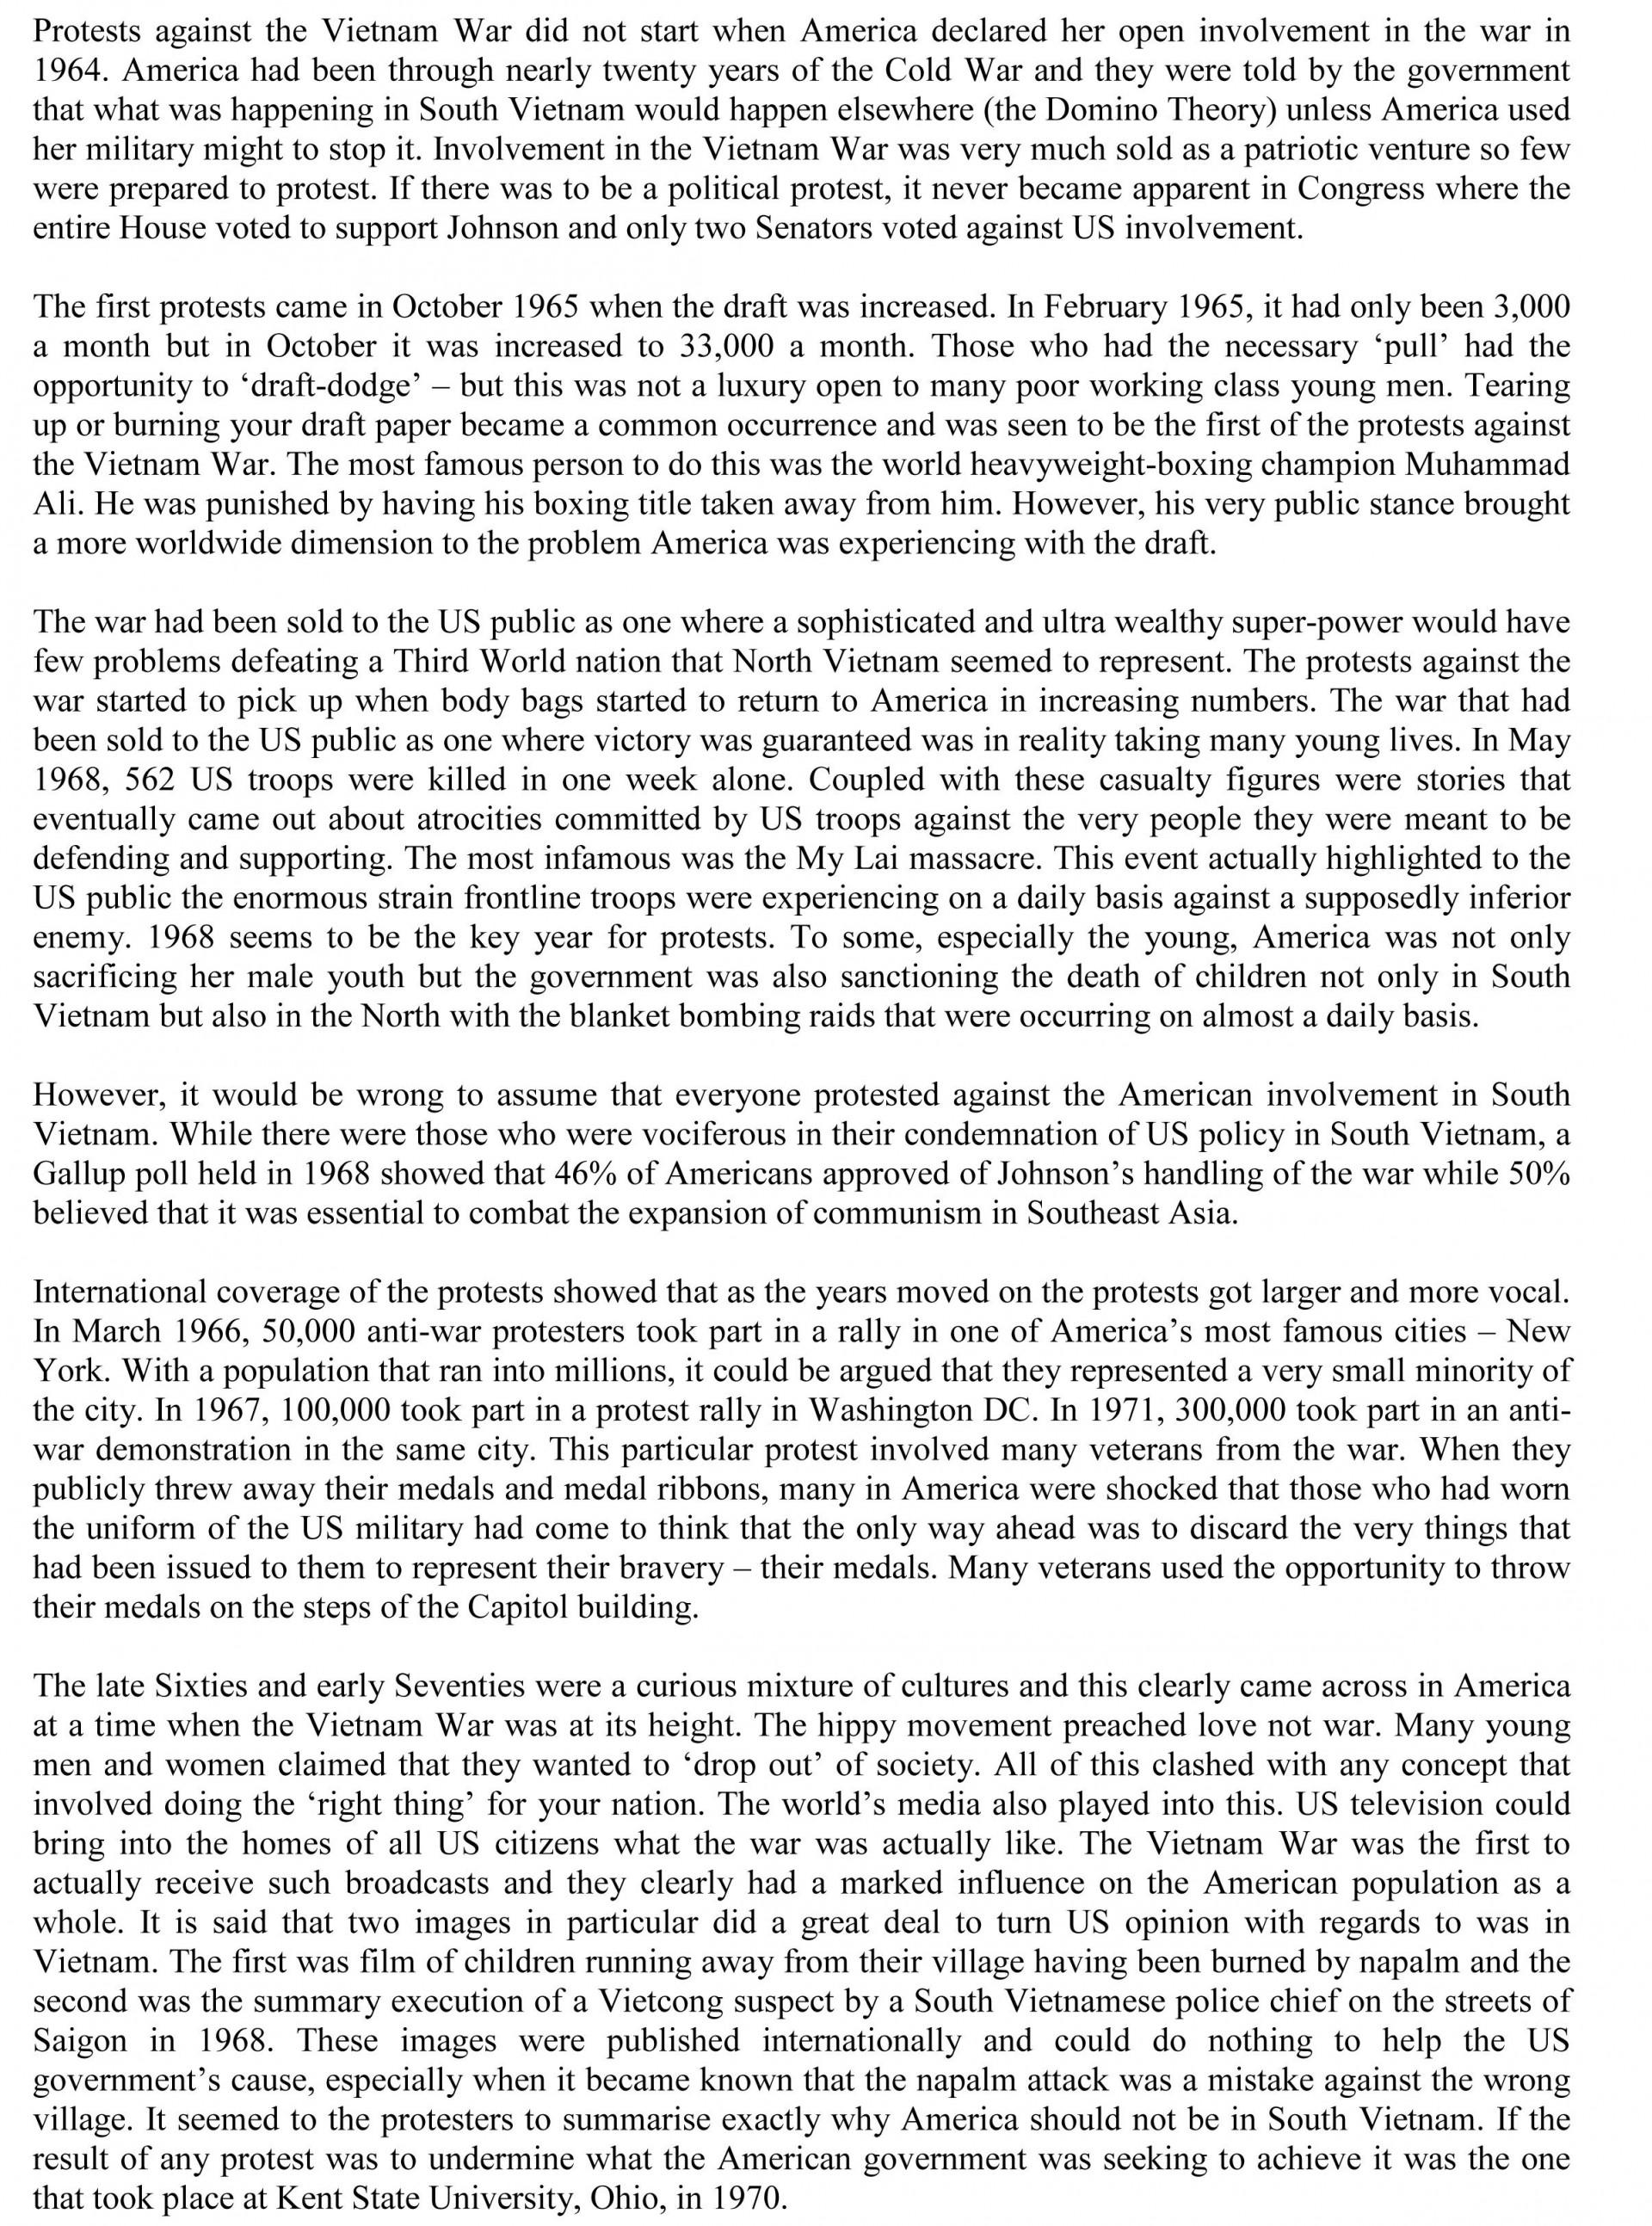 017 Vietnam War Essay Example Satire On School Dress Beautiful Code 1920